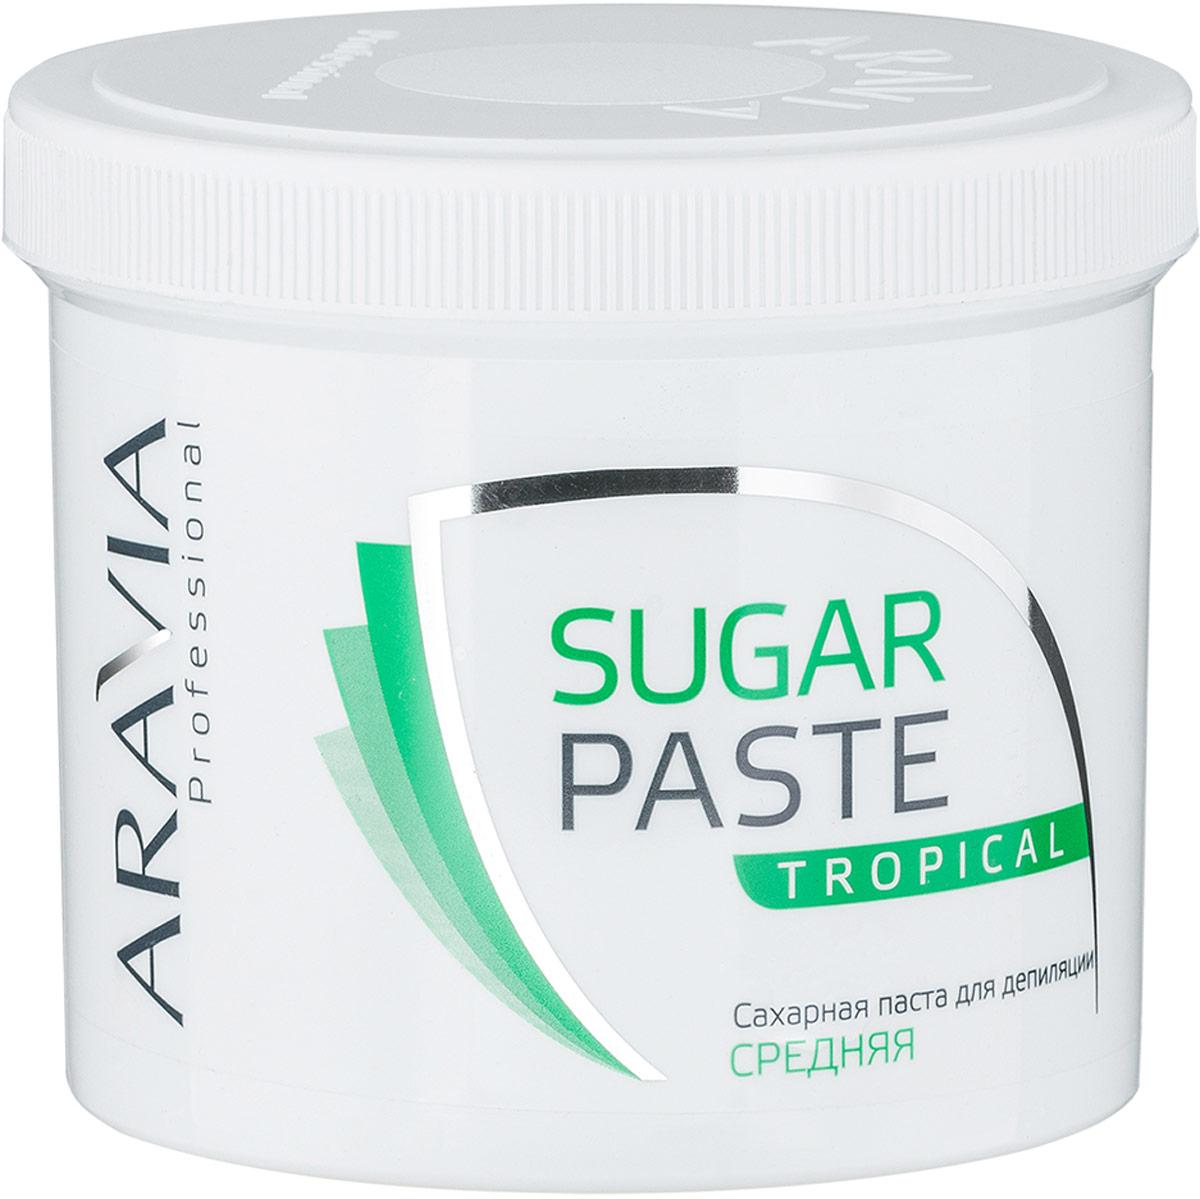 Aravia Professional Сахарная паста для депиляции Тропическая средней консистенции, 750 г